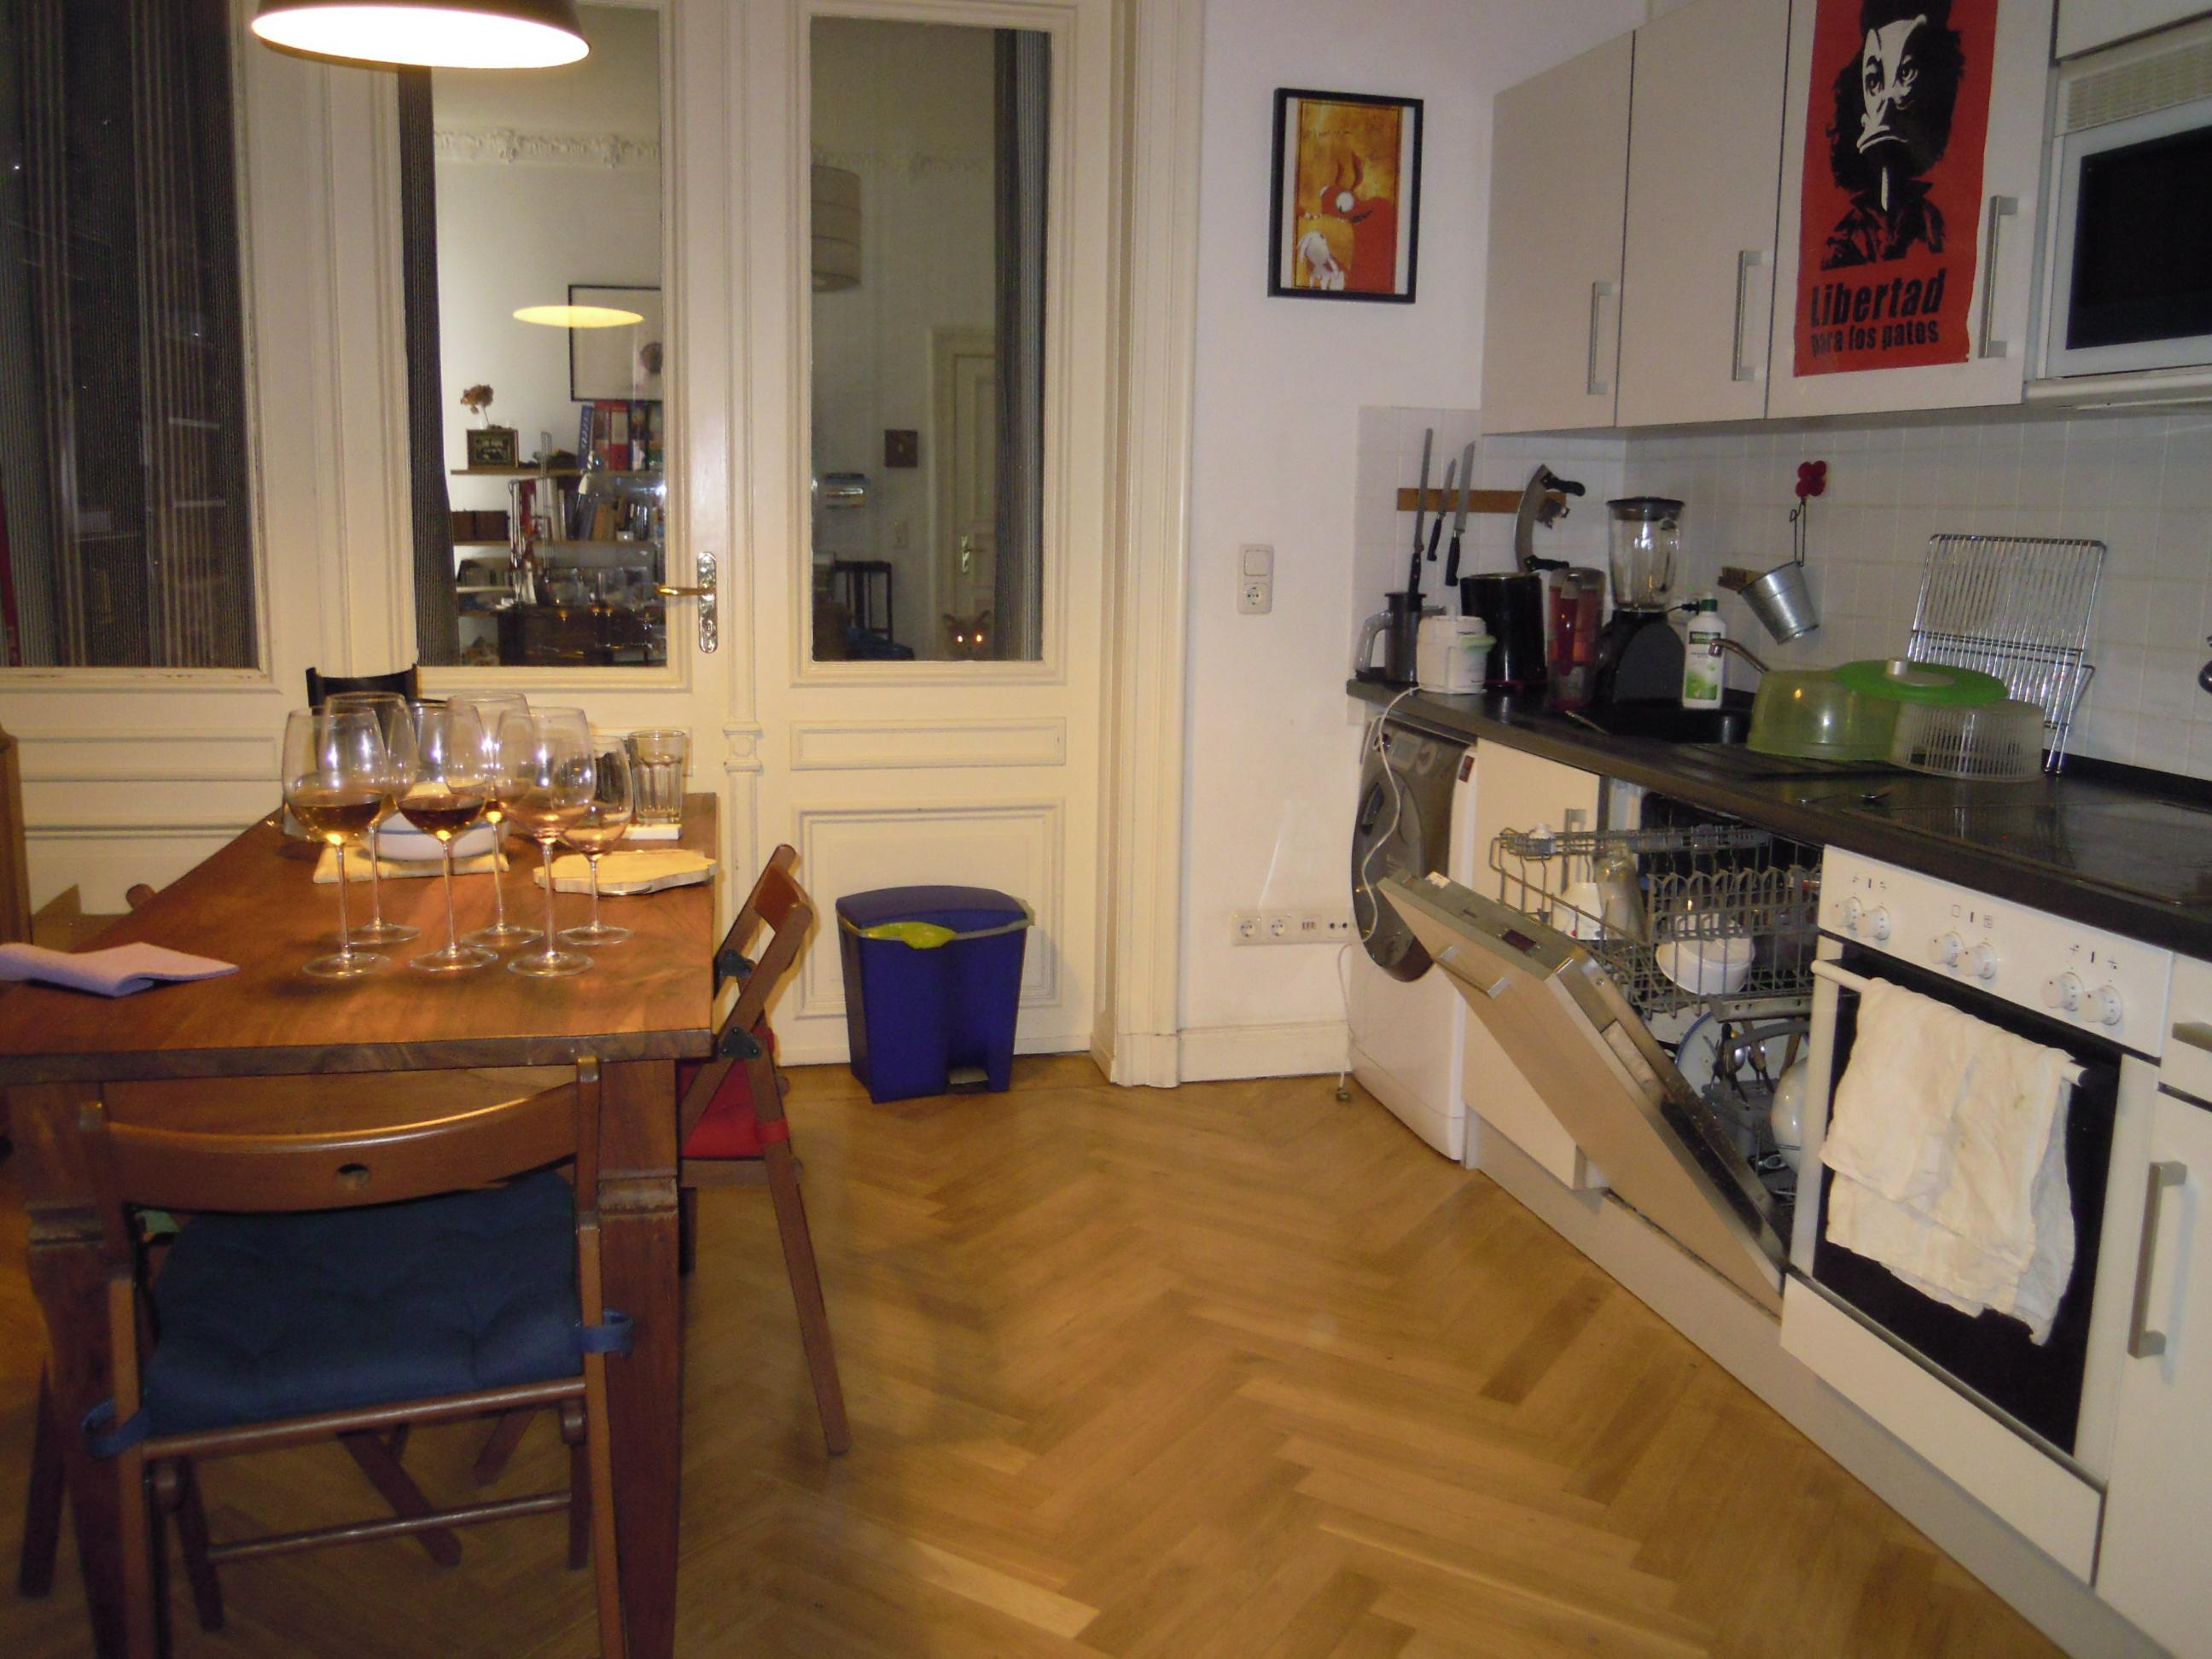 keuken air bnb (2)